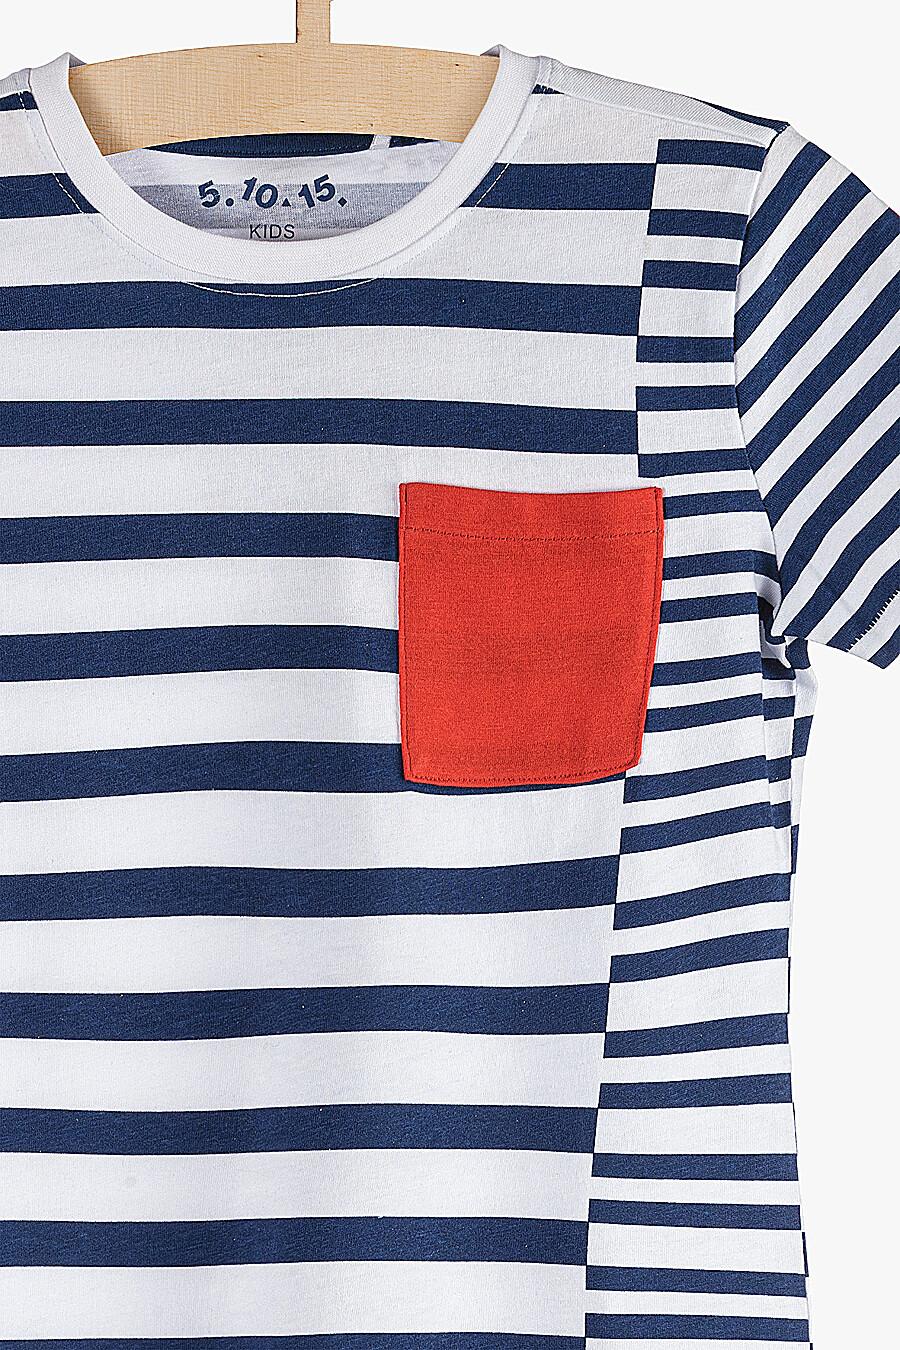 Футболка для мальчиков 5.10.15 218364 купить оптом от производителя. Совместная покупка детской одежды в OptMoyo